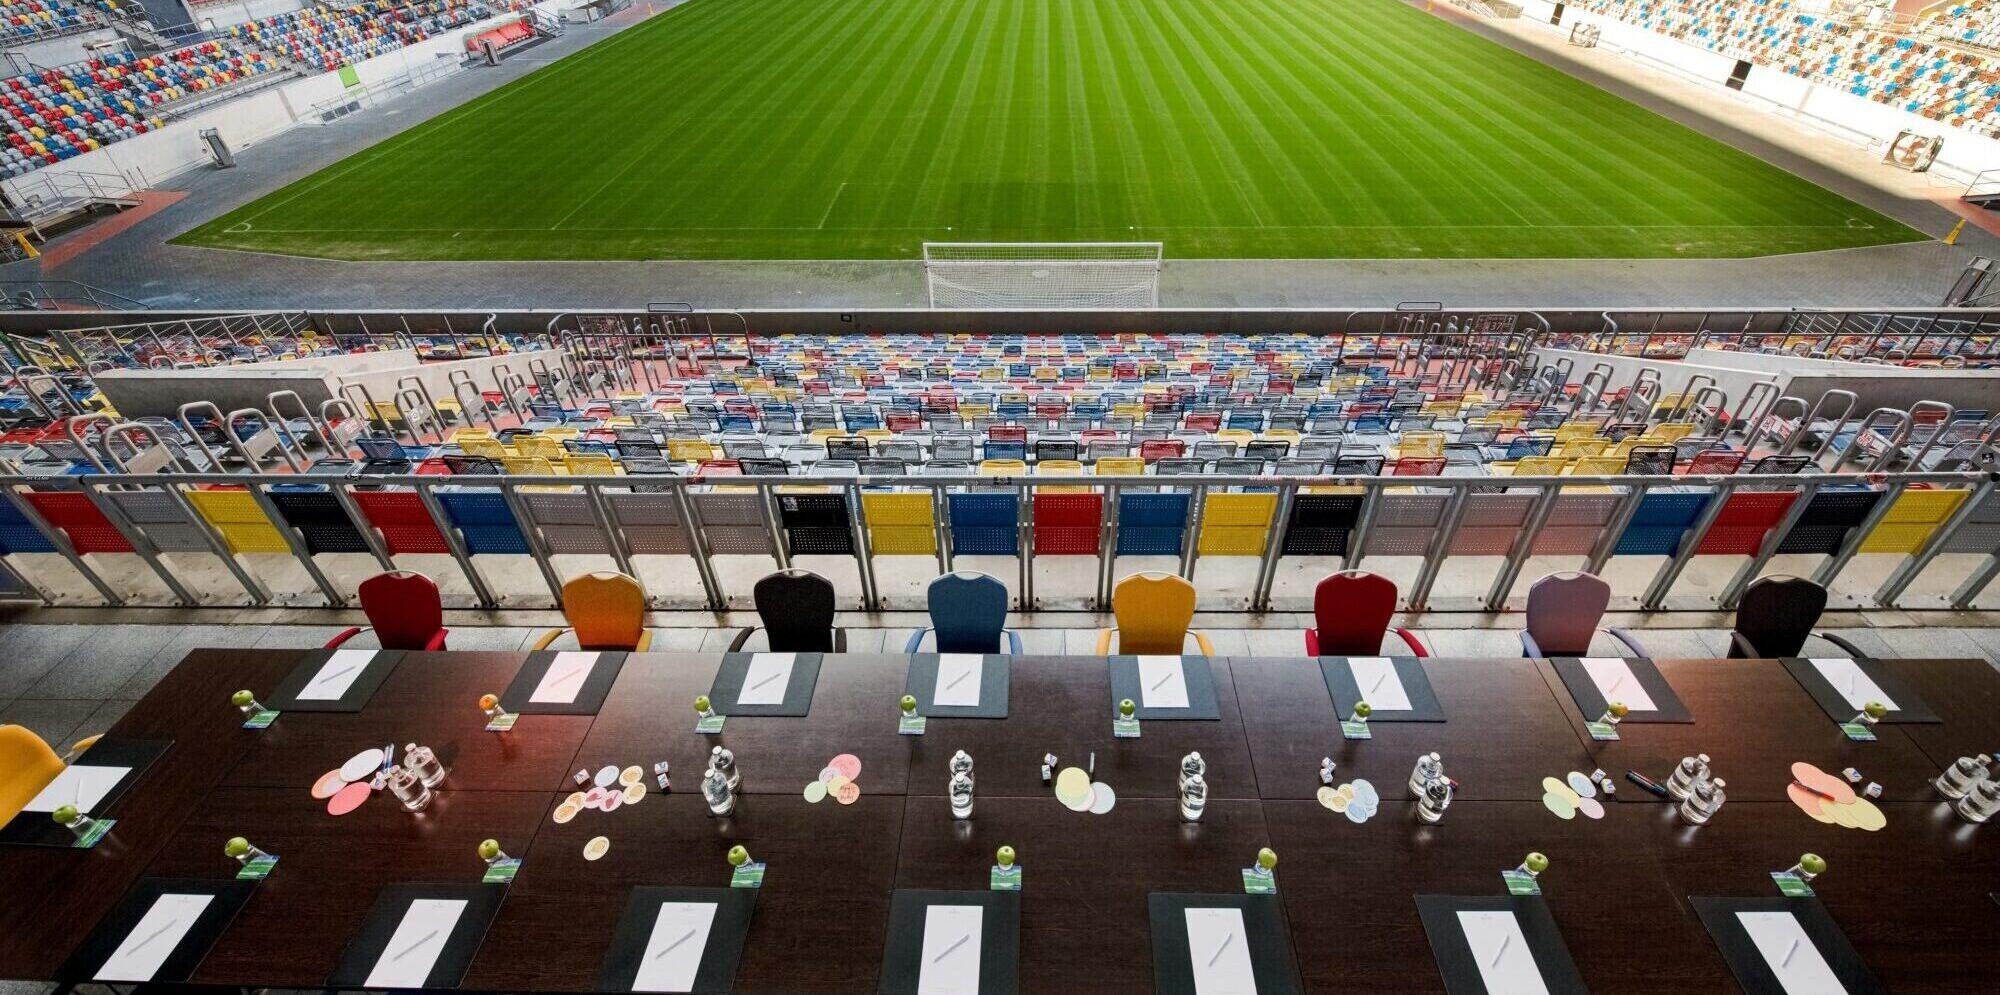 Tagen auf der Stadionterrasse Hotel Tulip Inn Düsseldorf Arena